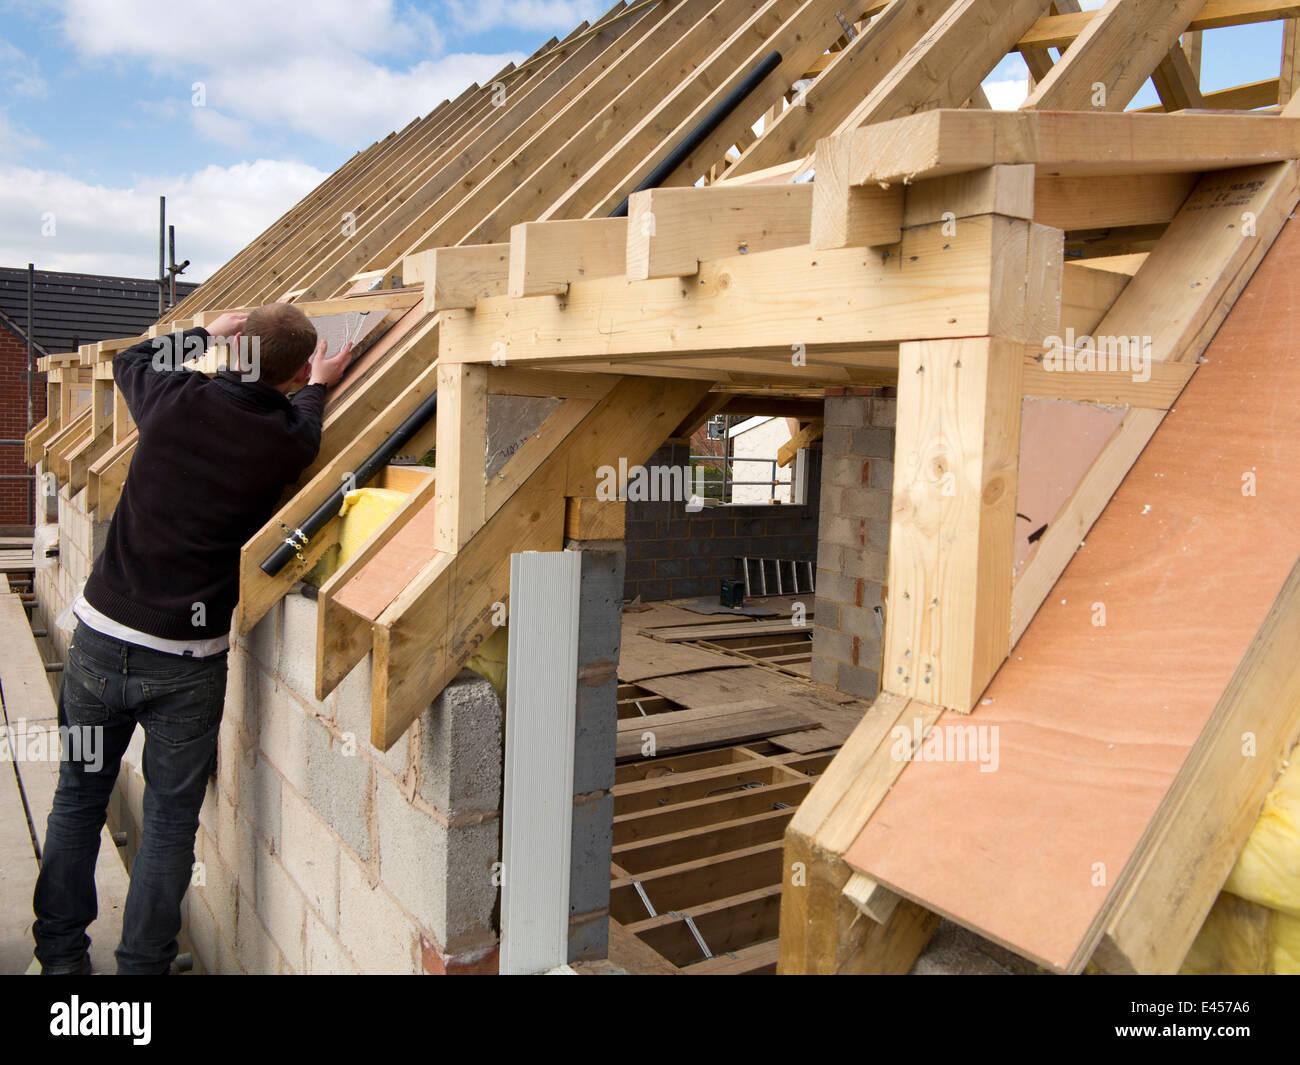 hausbau, bau dach, isolierende dachgaube wangen mit blatt-isolierung